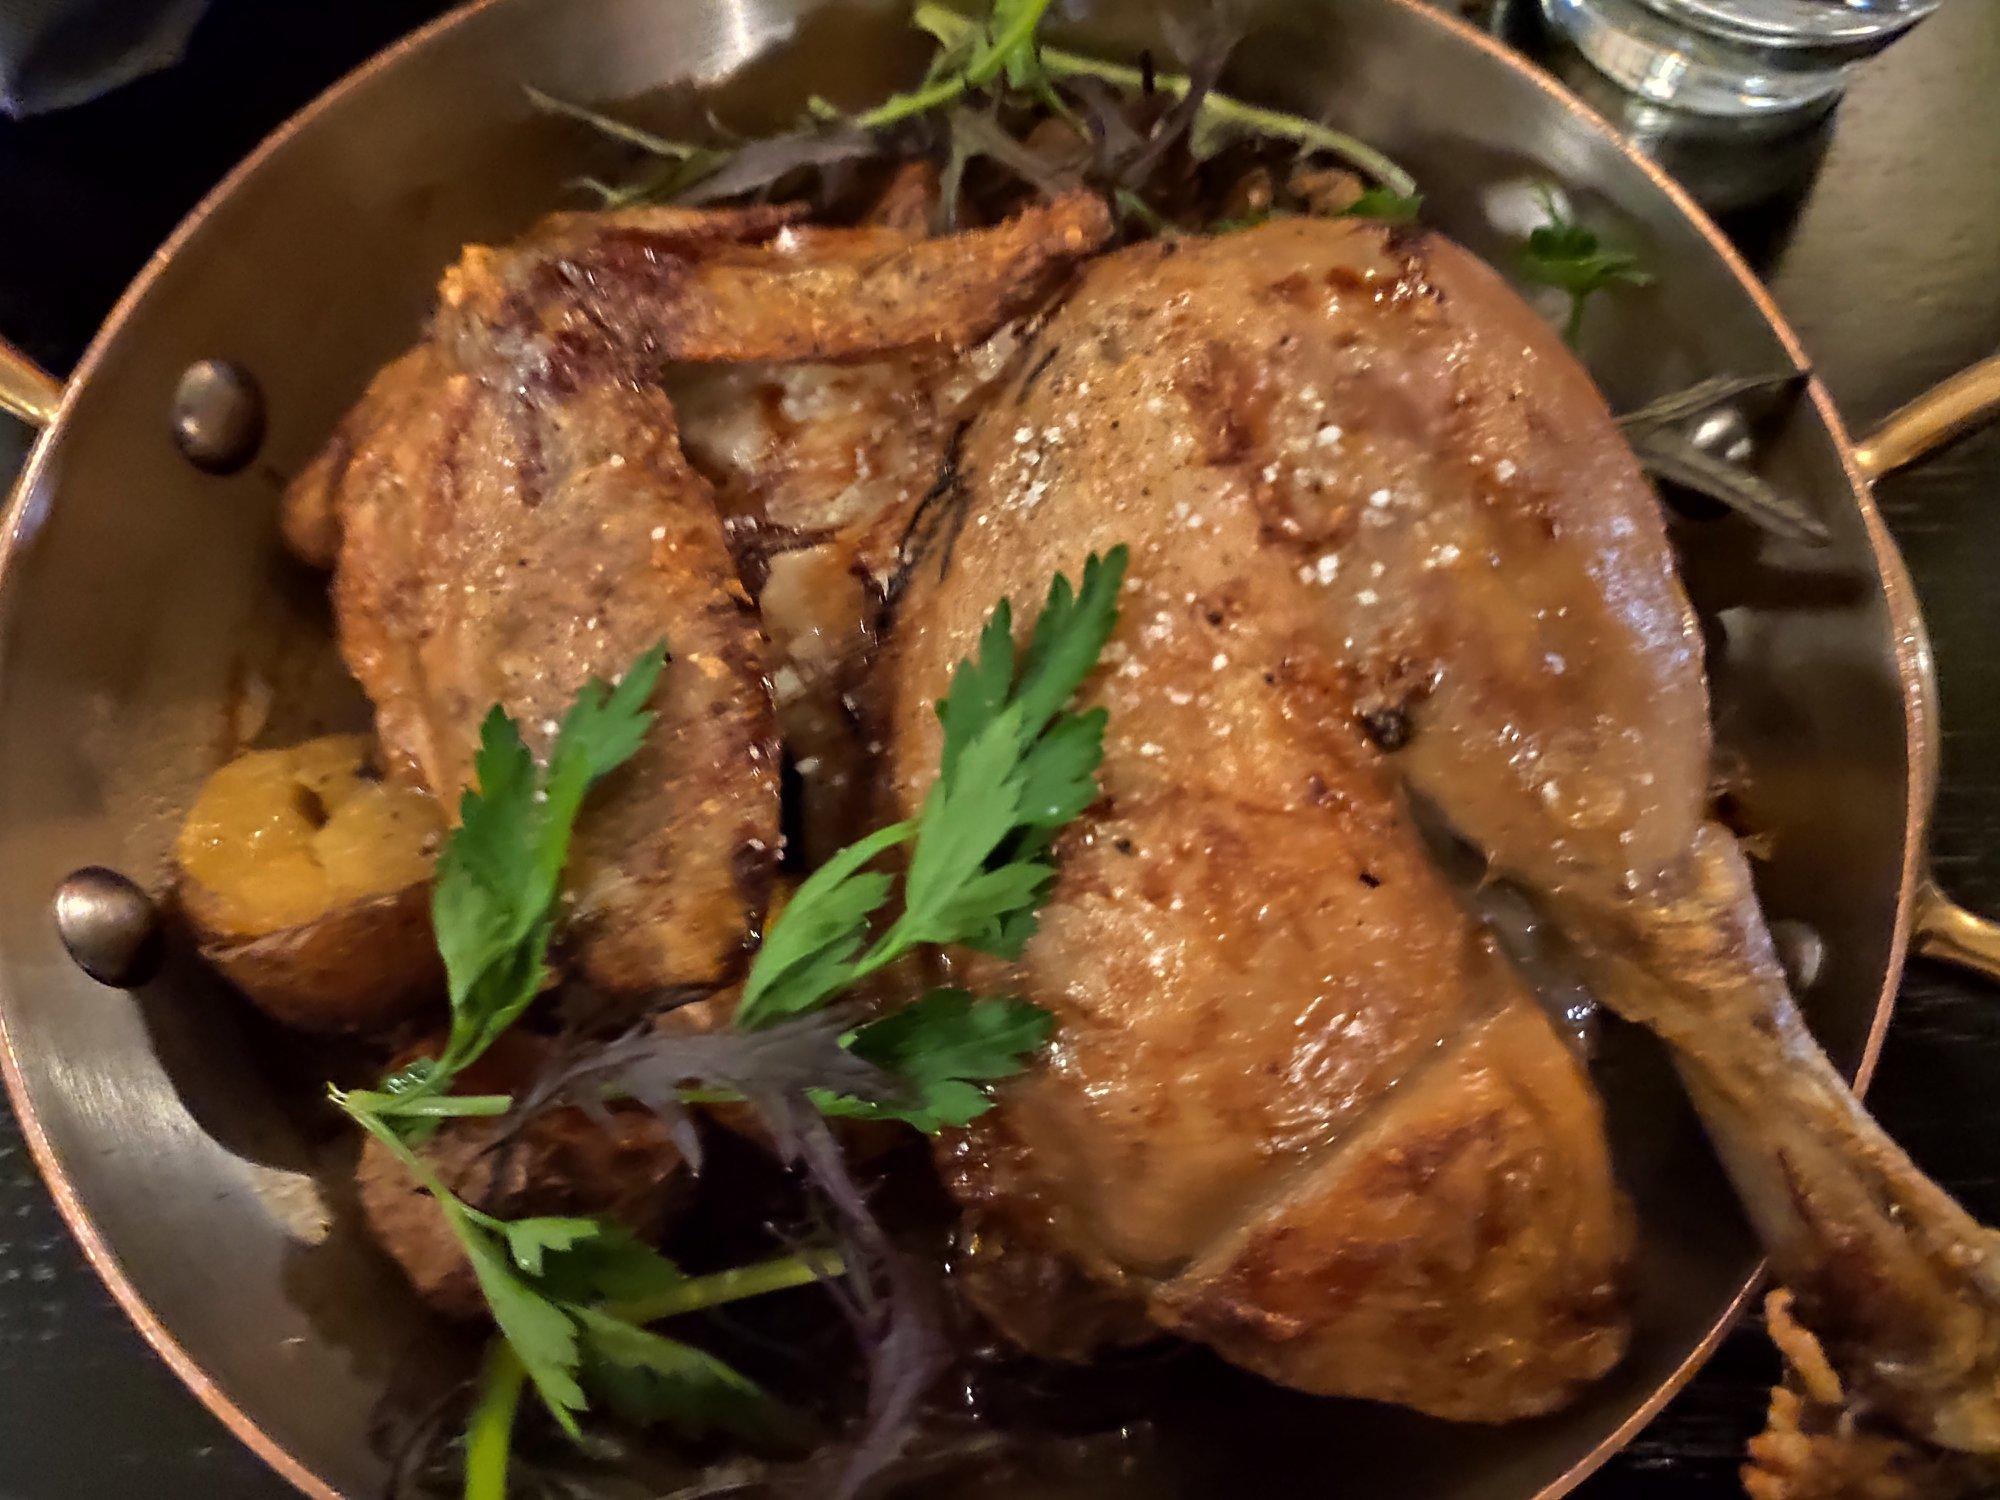 Demi-poulet fermier - La Rôtisserie Gallopin